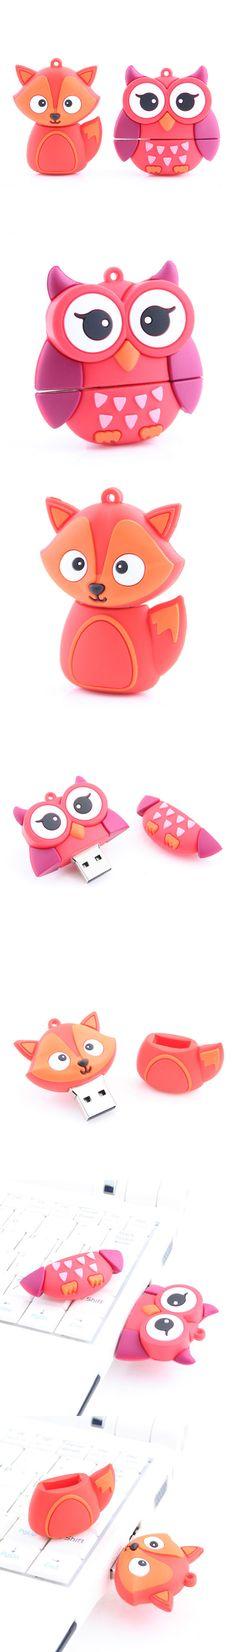 Owl & Fox USB Flash Drive http://www.usbgeek.com/products/owl-fox-usb-flash-drive